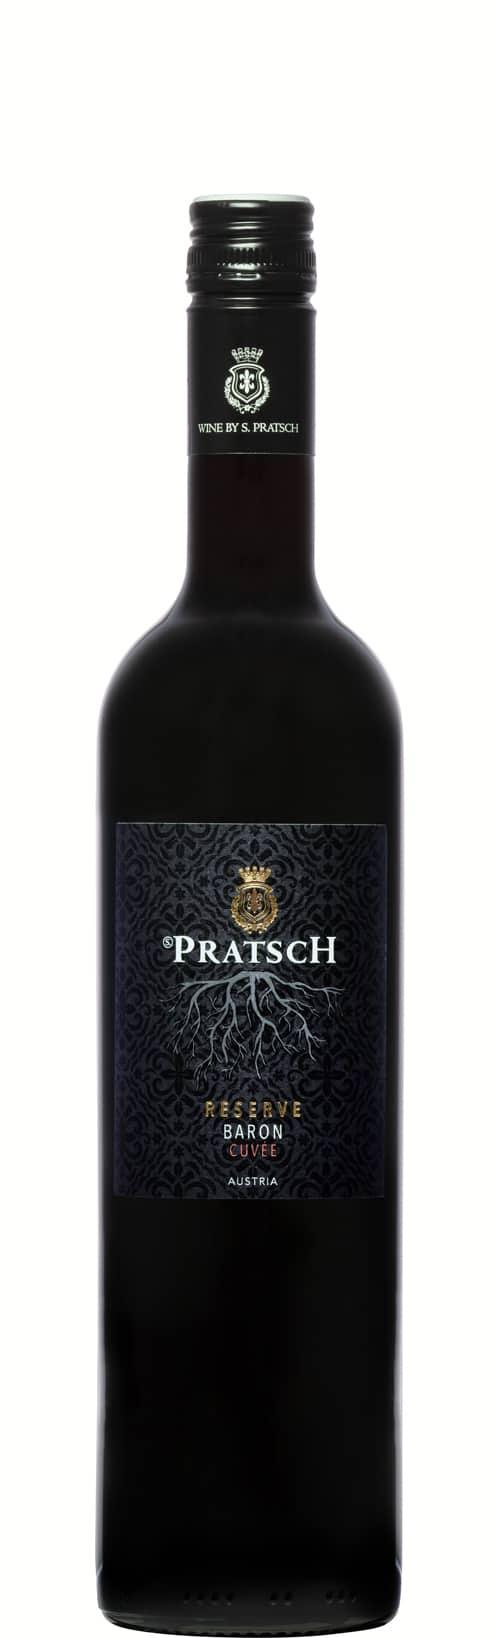 Weinflasche Rotwein Cuvée Baron - by S. Pratsch